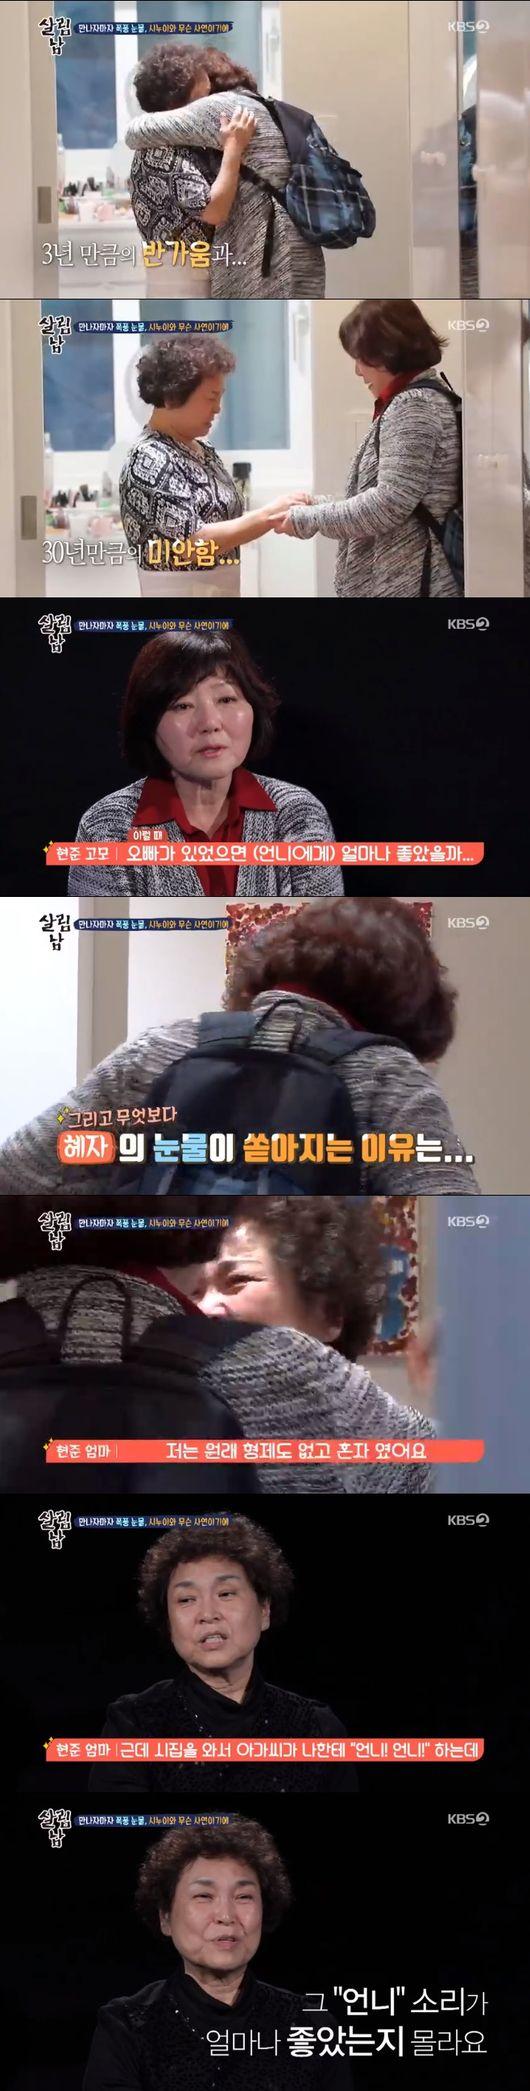 '살림남2' '팝핀현준, 고모와의 7시간 만남에 母子오열..